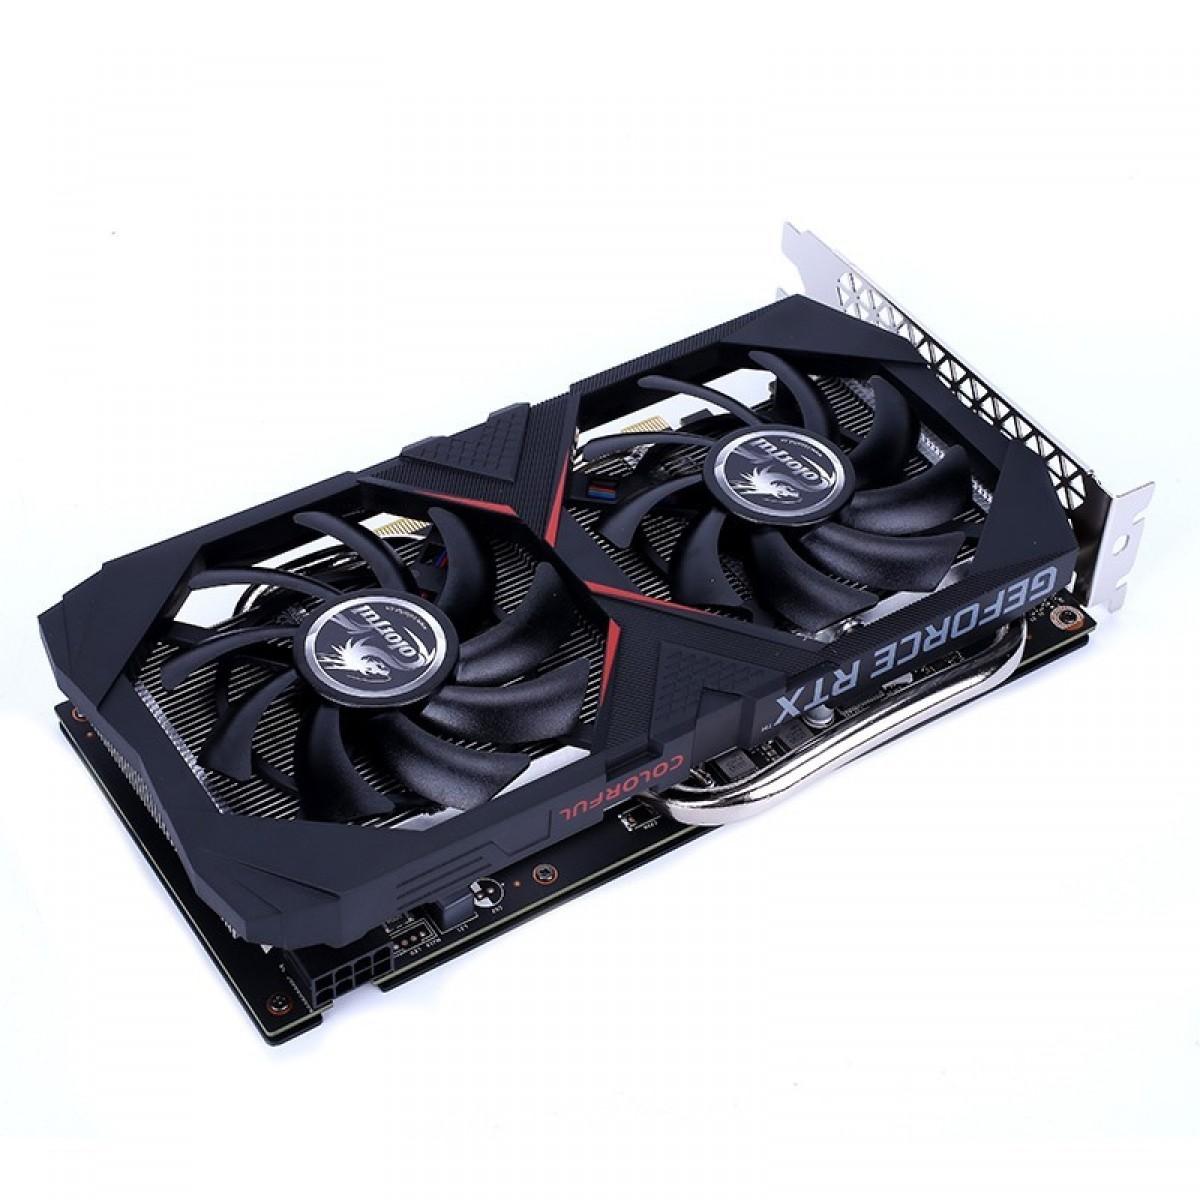 Placa de Vídeo Colorful, GeForce, RTX 2070, Dual, 8GB, GDDR6, 256Bit, DUAL-RTX2070-8G - Open Box